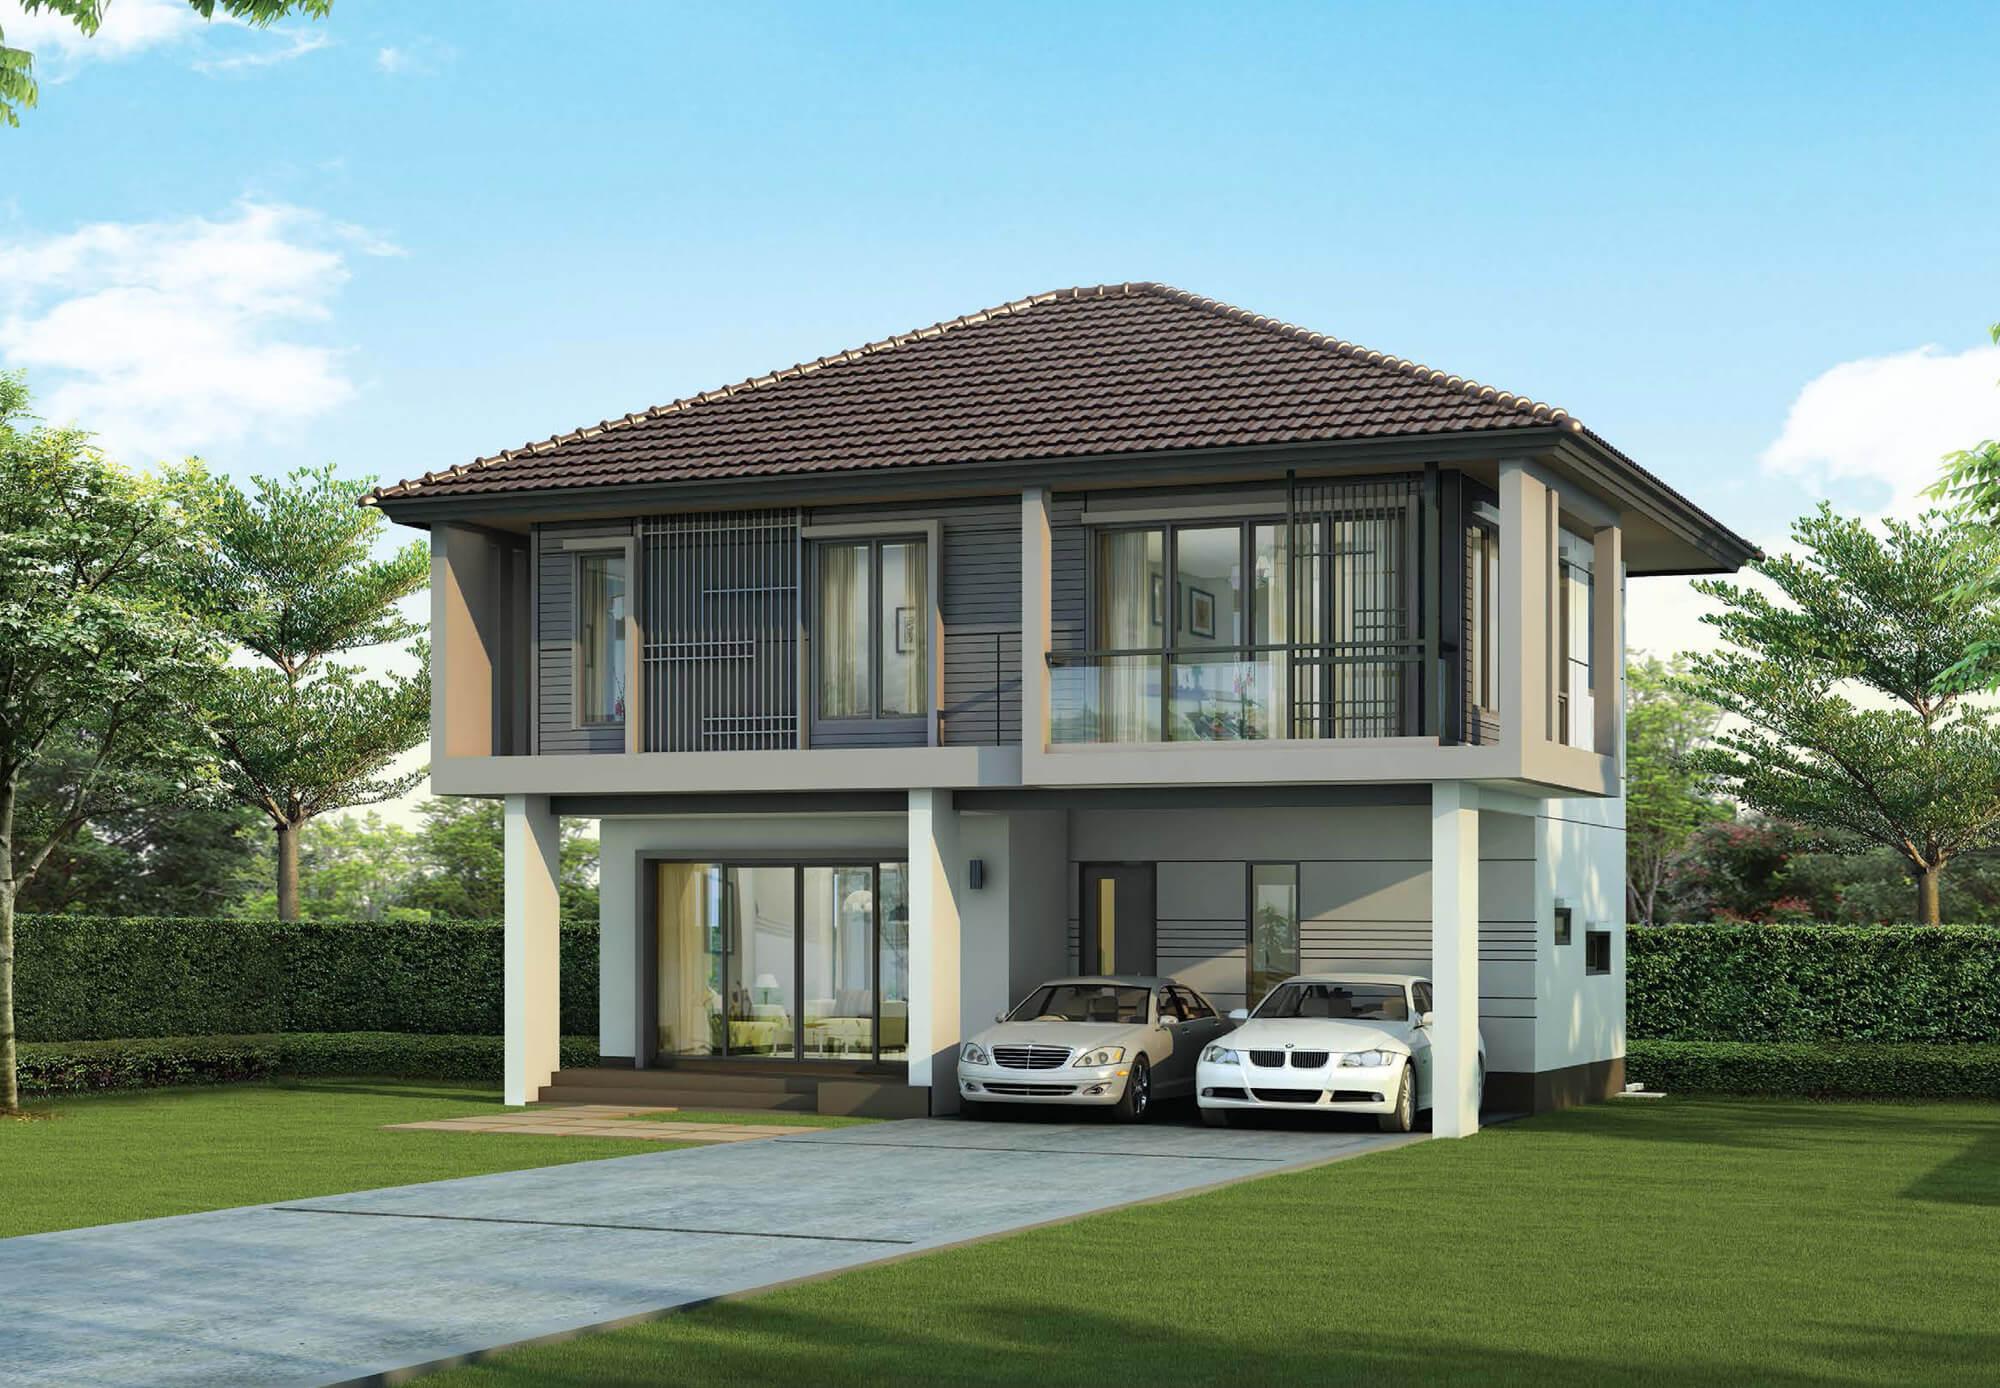 แบบบ้าน โครงการ บ้านเดี่ยวพร้อมอยู่ ฮาบิเทีย ออร์บิต หทัยราษฏร์ : HTR3